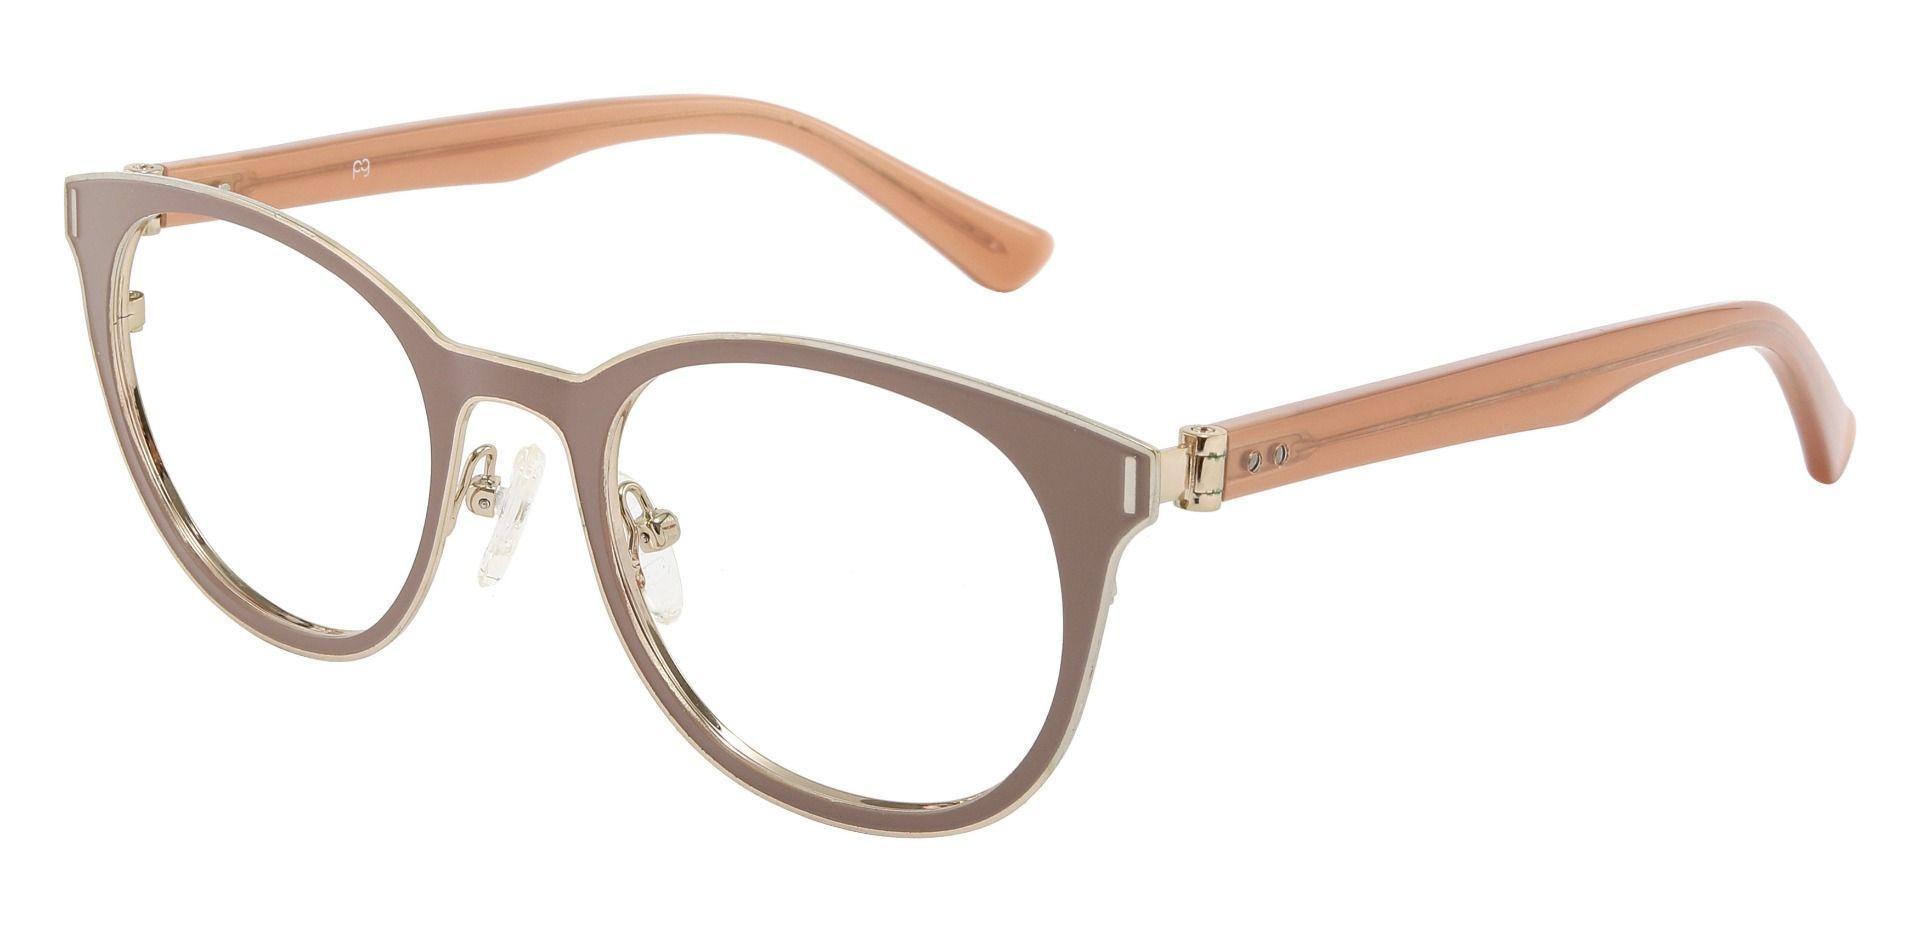 Coronado Oval Prescription Glasses - Brown